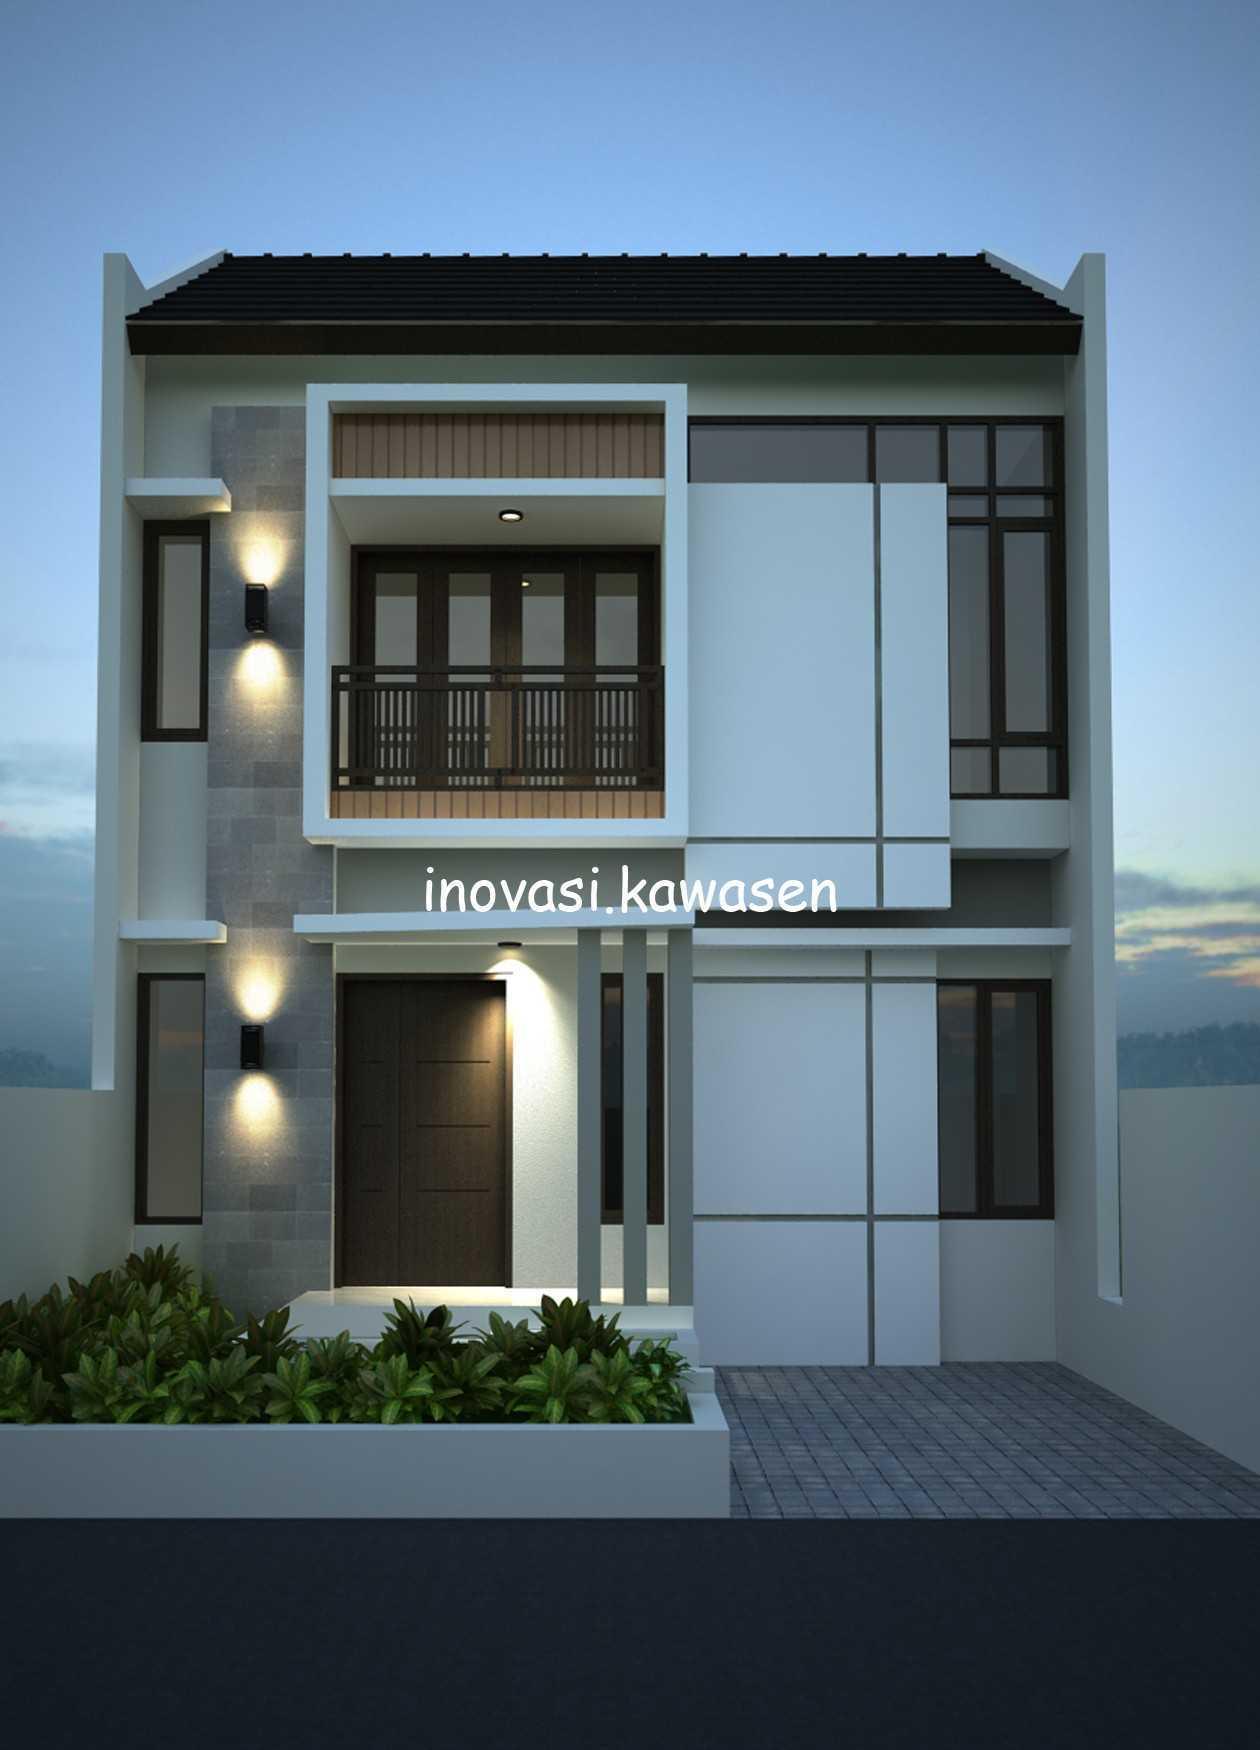 Inovasi Kawasen Renovasi Rumah Type 45 ( Desain ) Kota Depok, Jawa Barat, Indonesia Kota Depok, Jawa Barat, Indonesia Inovasi-Kawasen-Renovasi-Rumah-Type-45-Desain-   89832